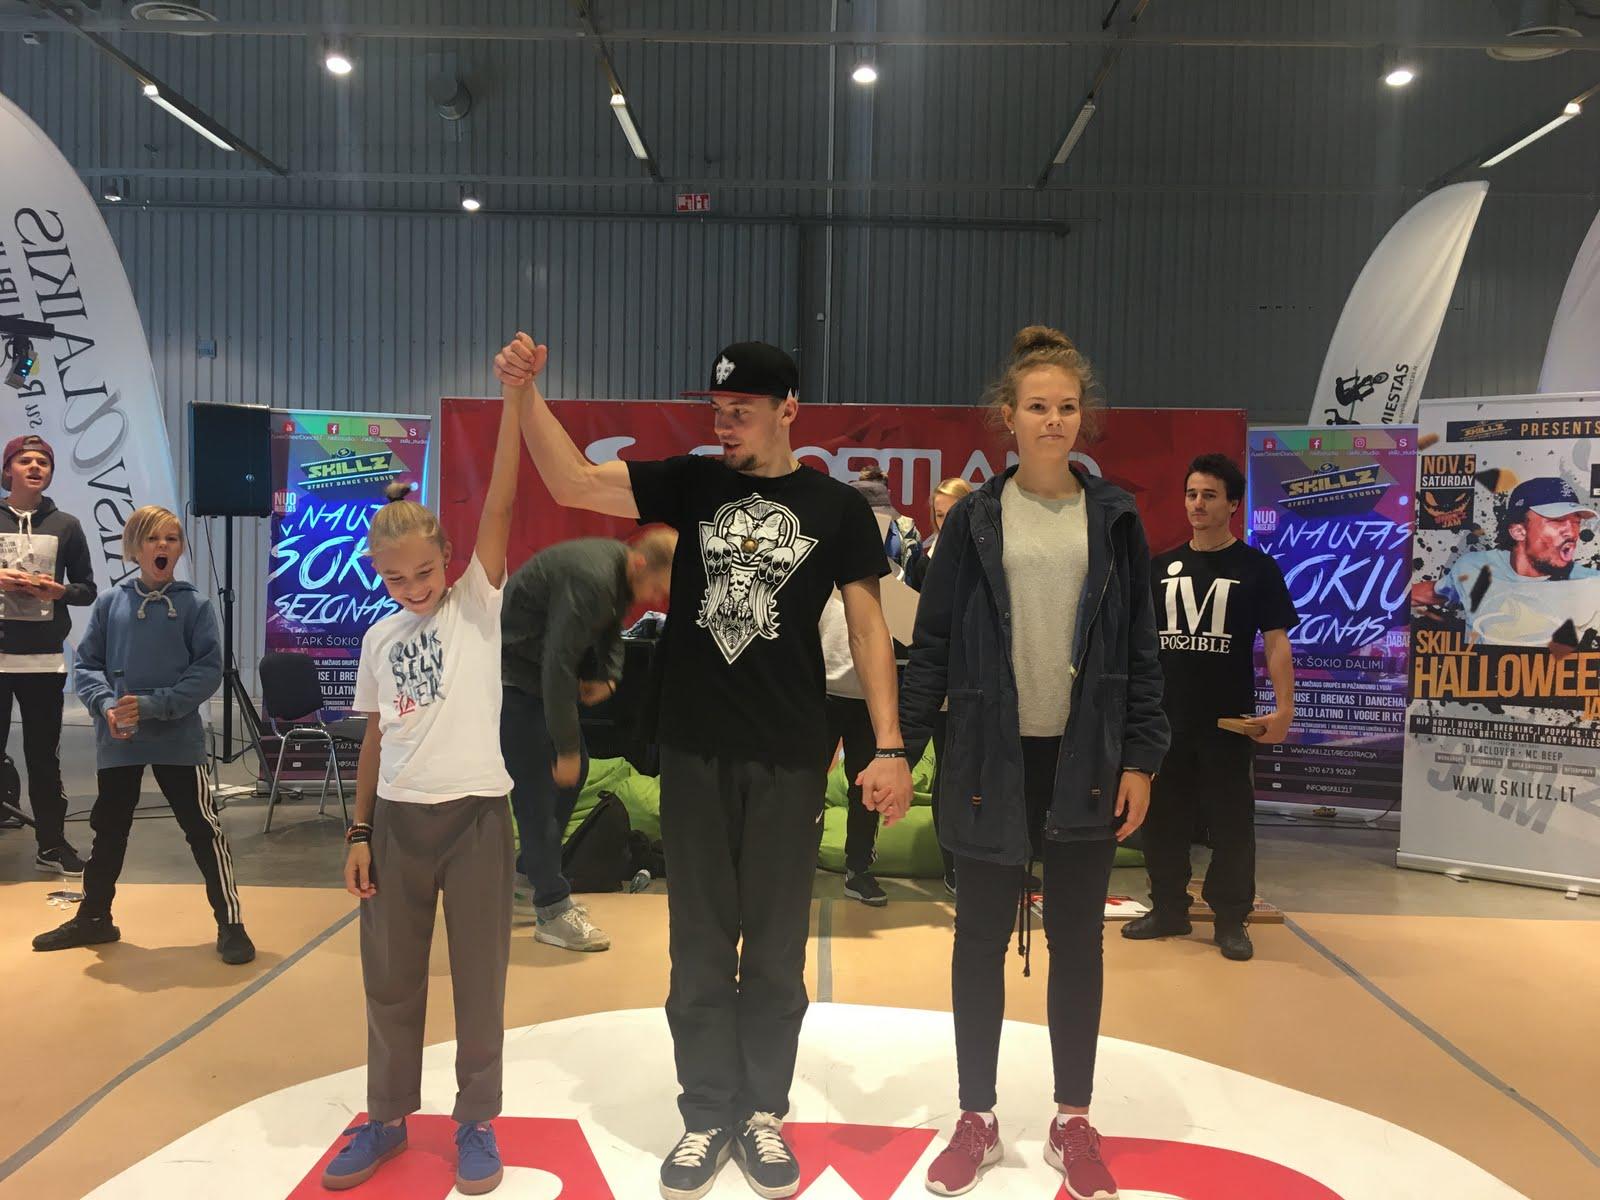 PHR Dance battles Vilniaus festivalis - IMG_7020.JPG